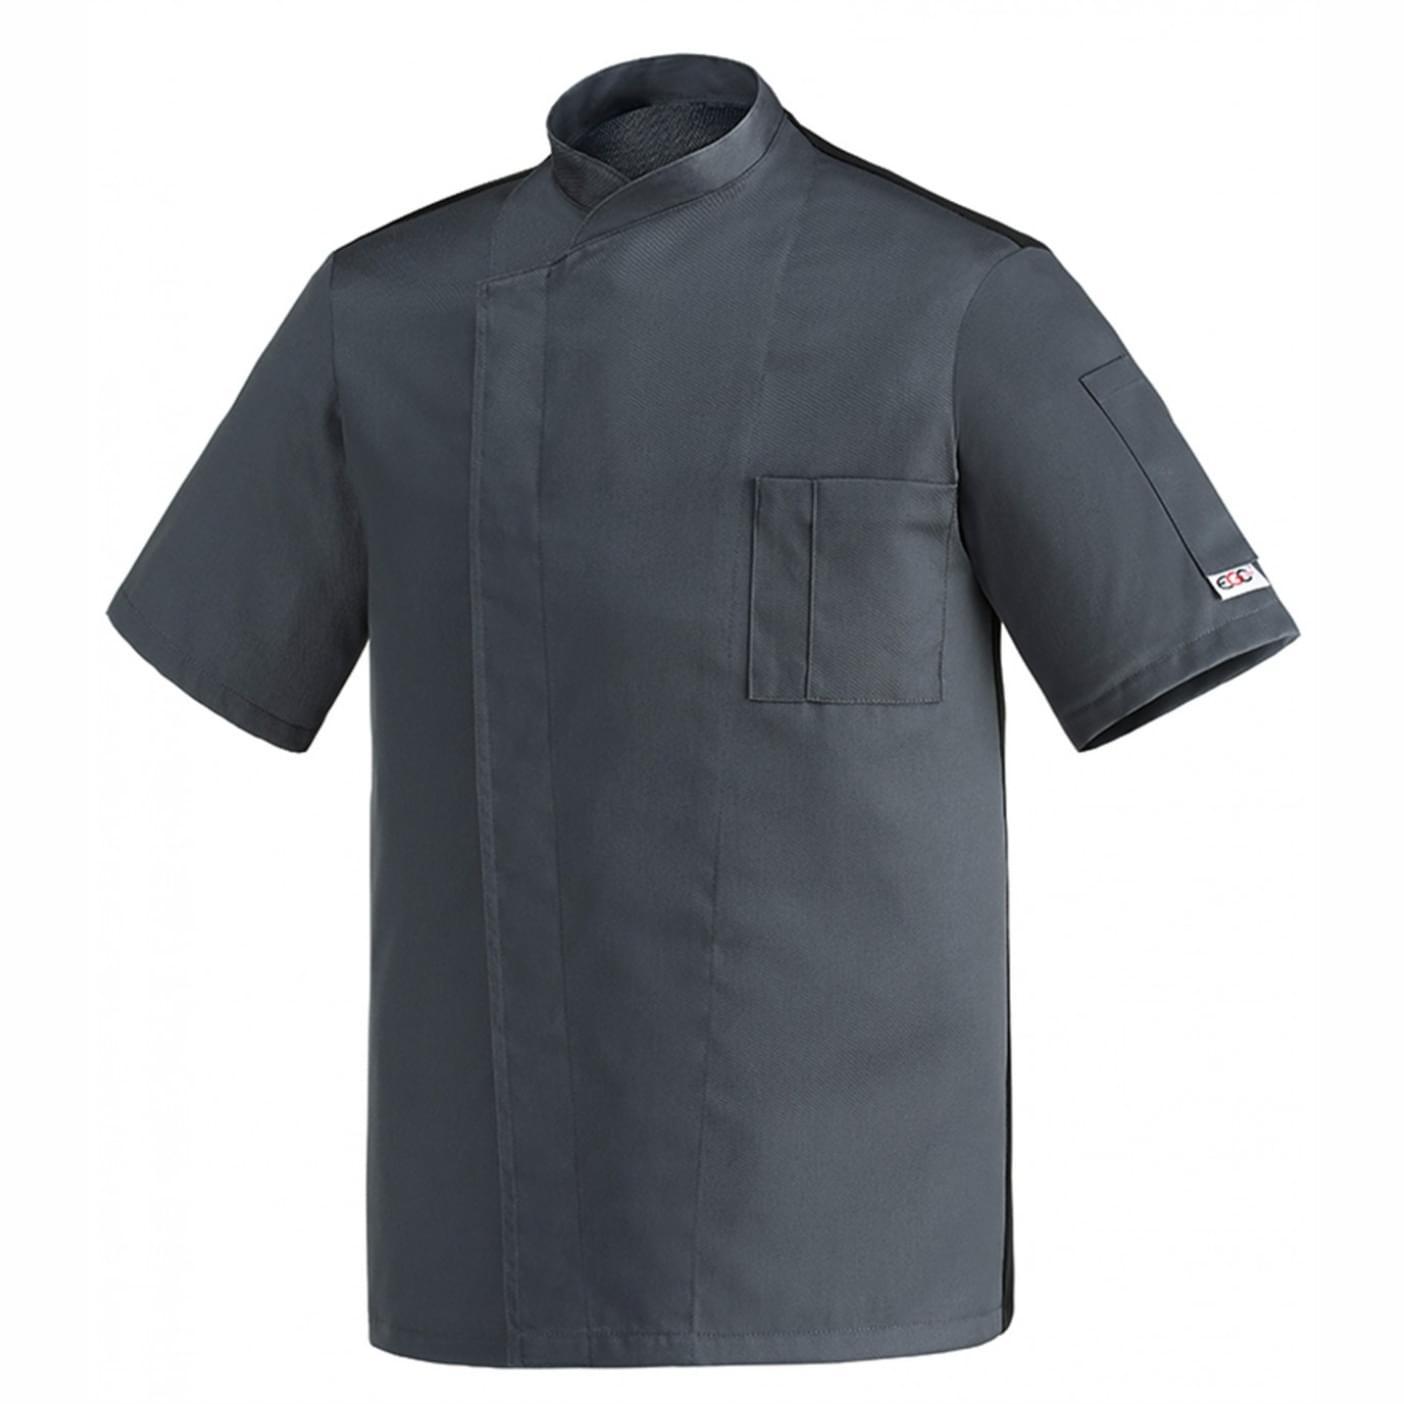 μπλούζα μάγειρα γκρι egochef microfiber